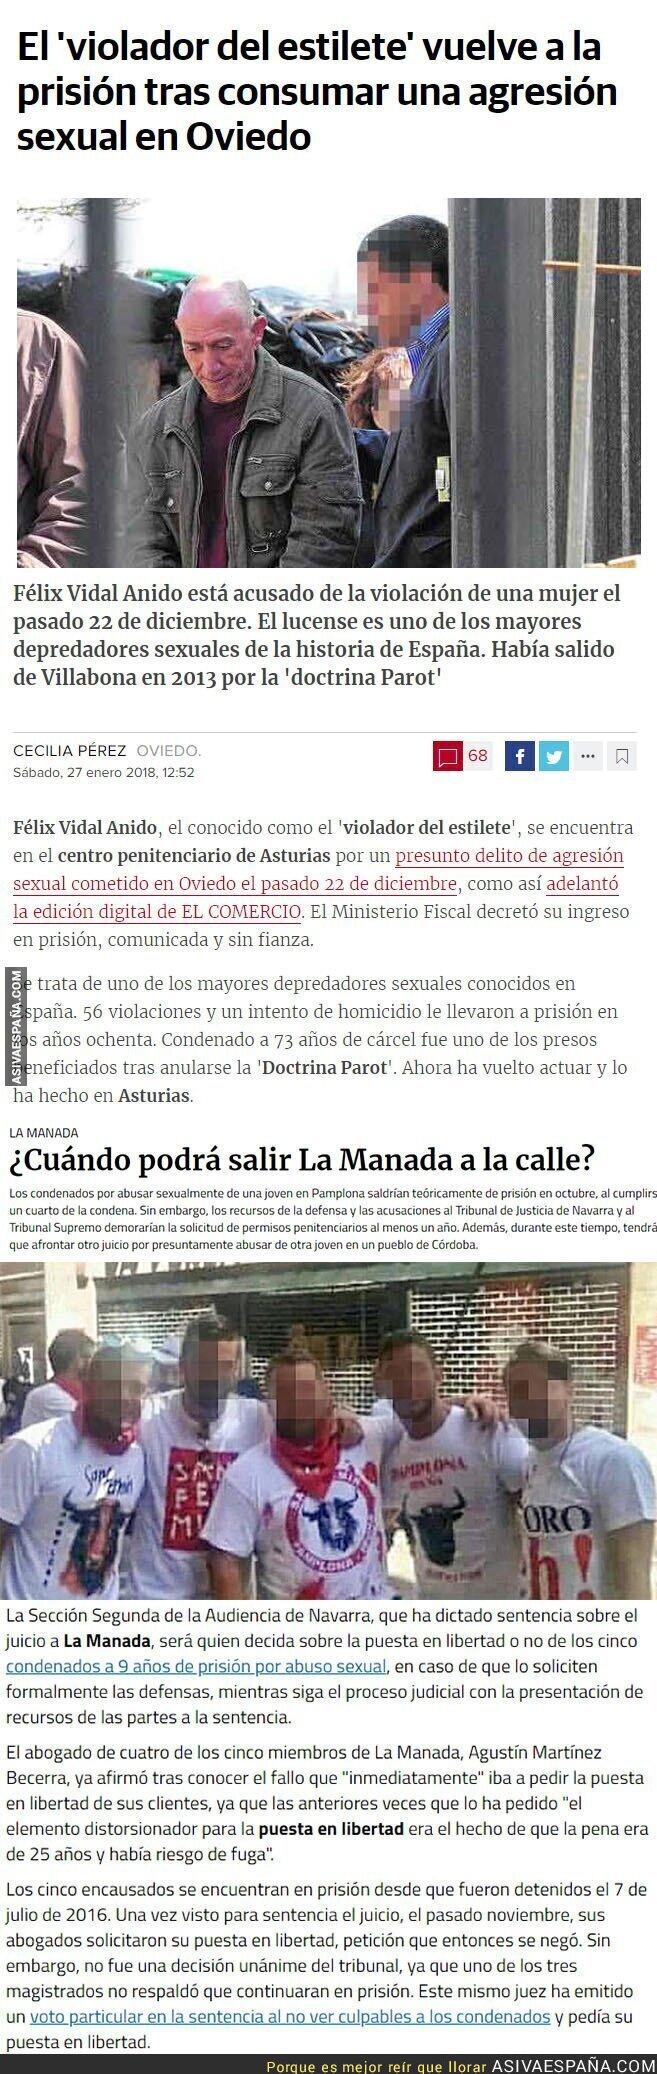 86081 - ¿Es seguro dejar a La Manada en la calle en tan poco tiempo? Dos noticias juntas se entienden mejor